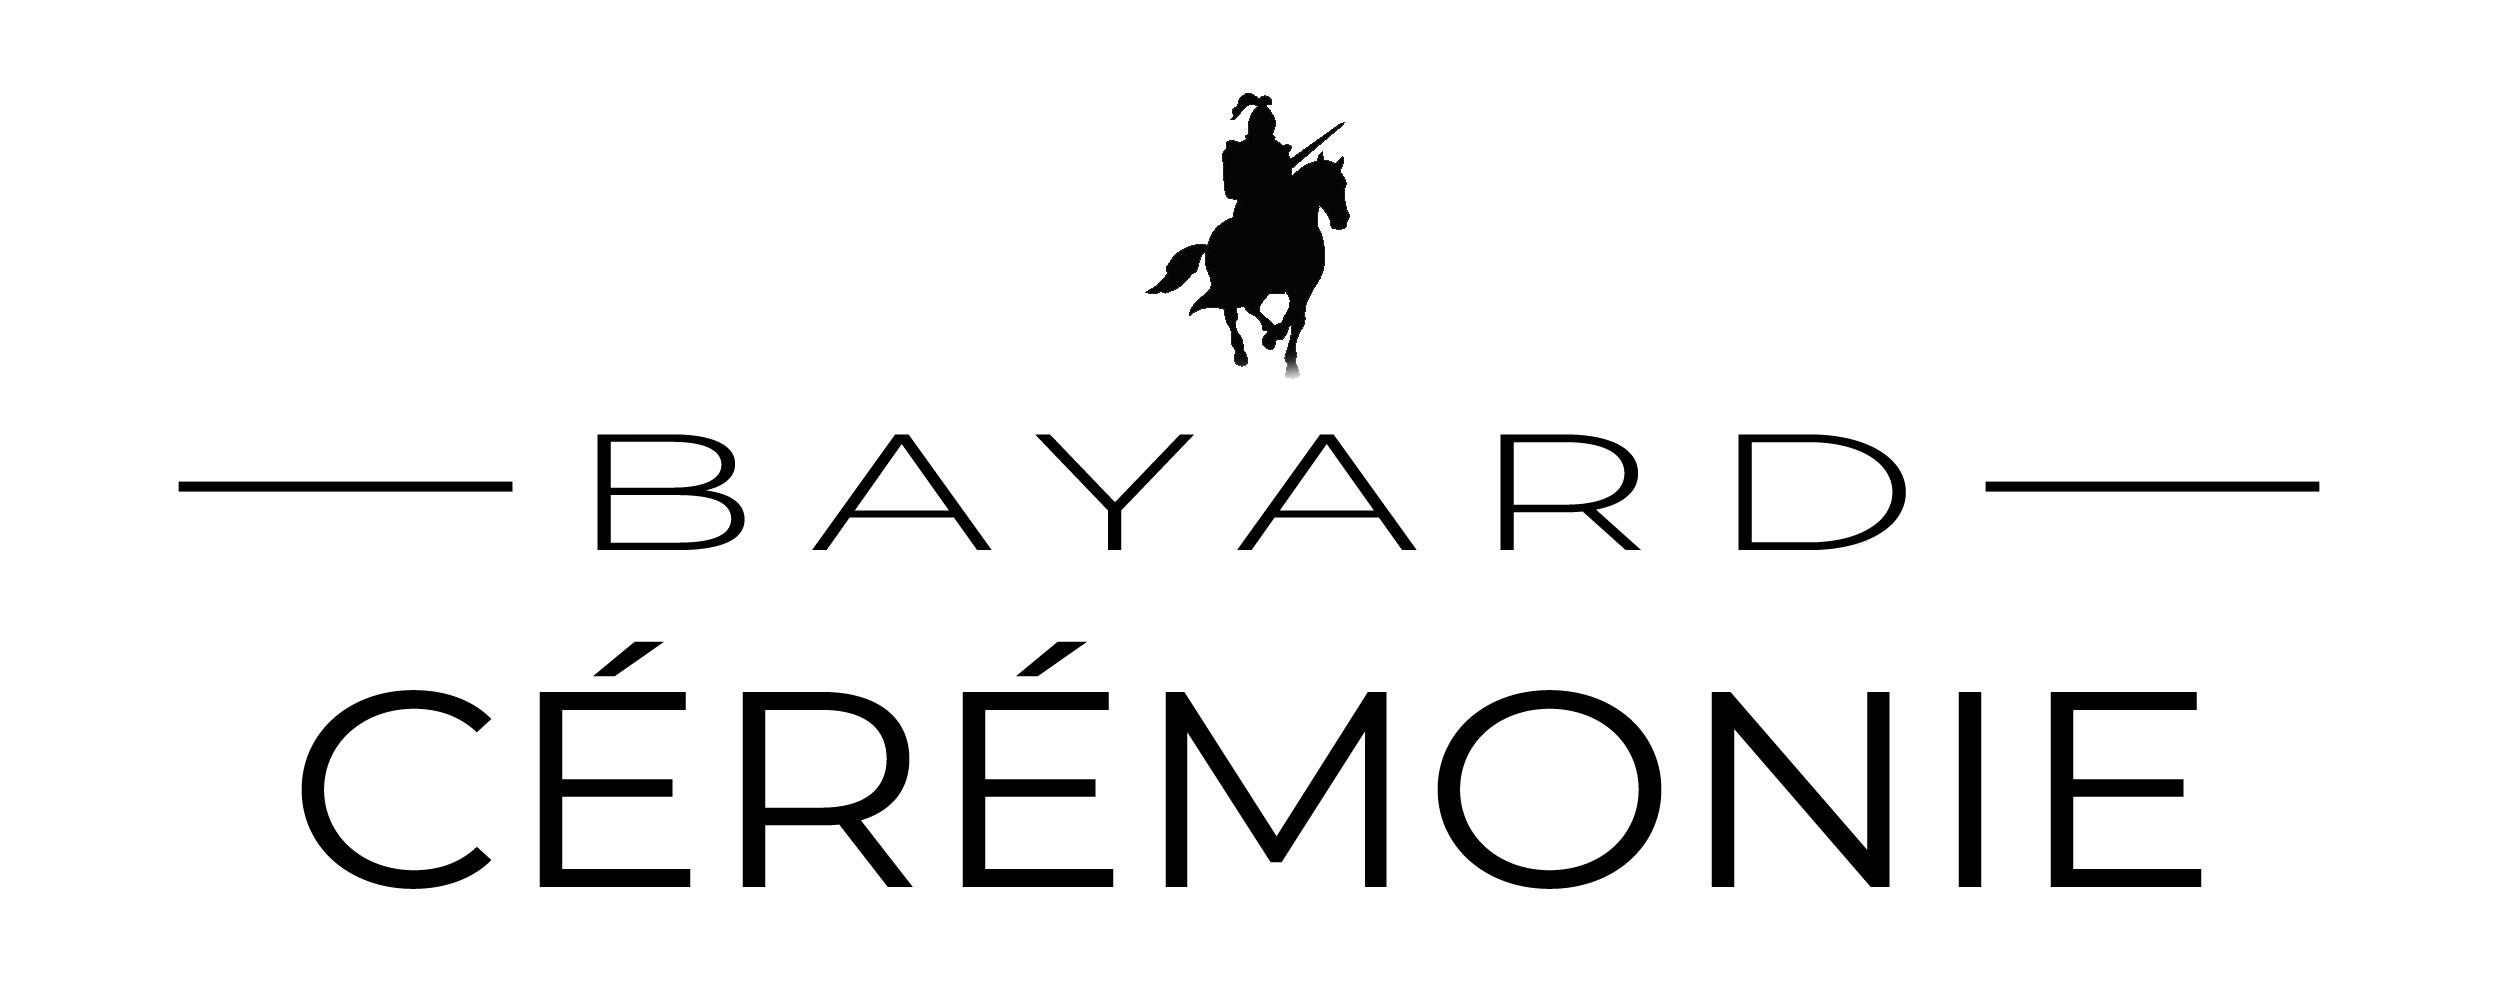 Bayard cérémonie